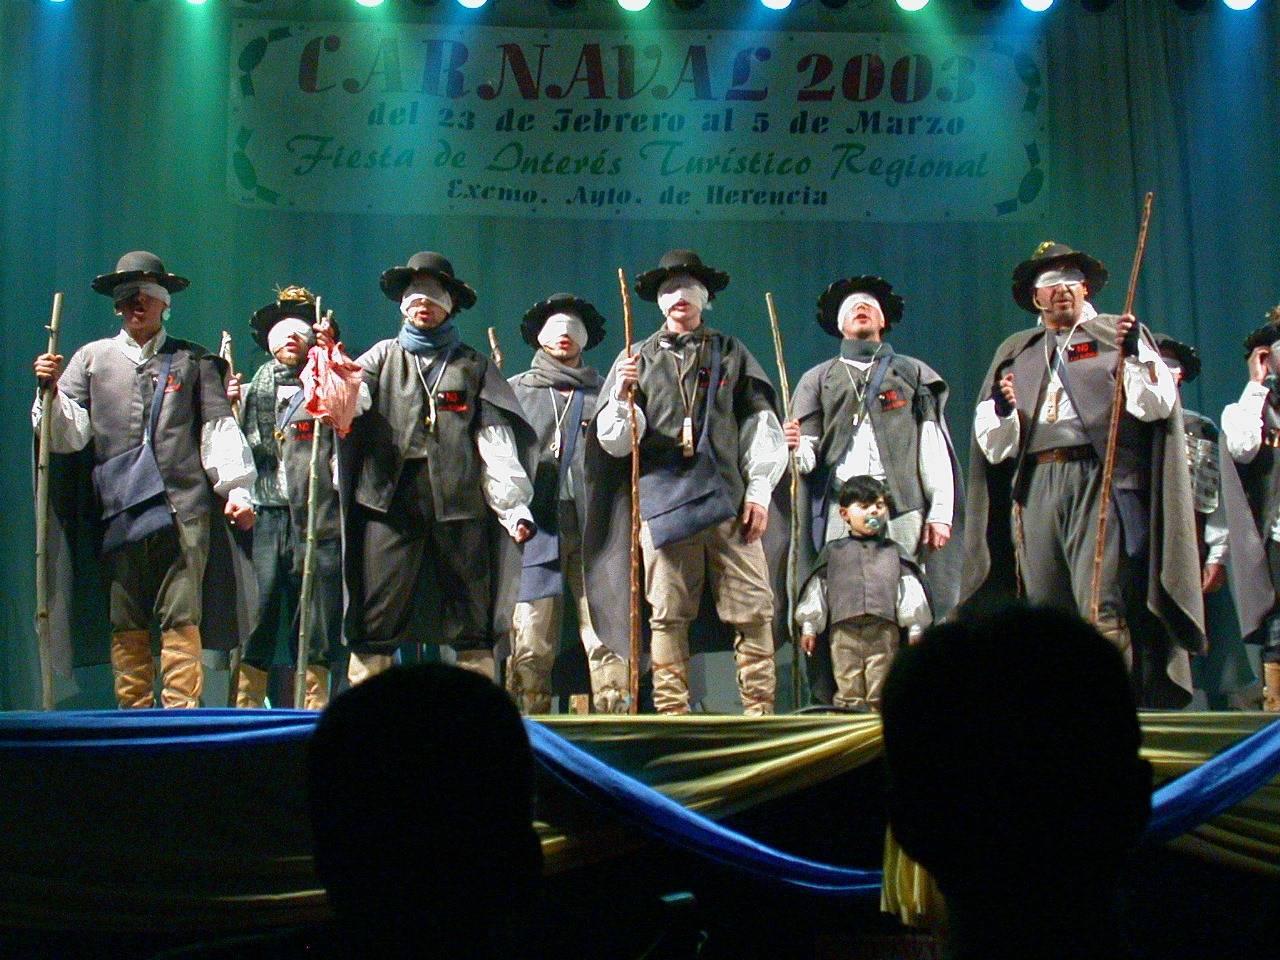 chirigota los pelendengues 2003 - Seguimos con la historia del Carnaval de Herencia a través de imágenes